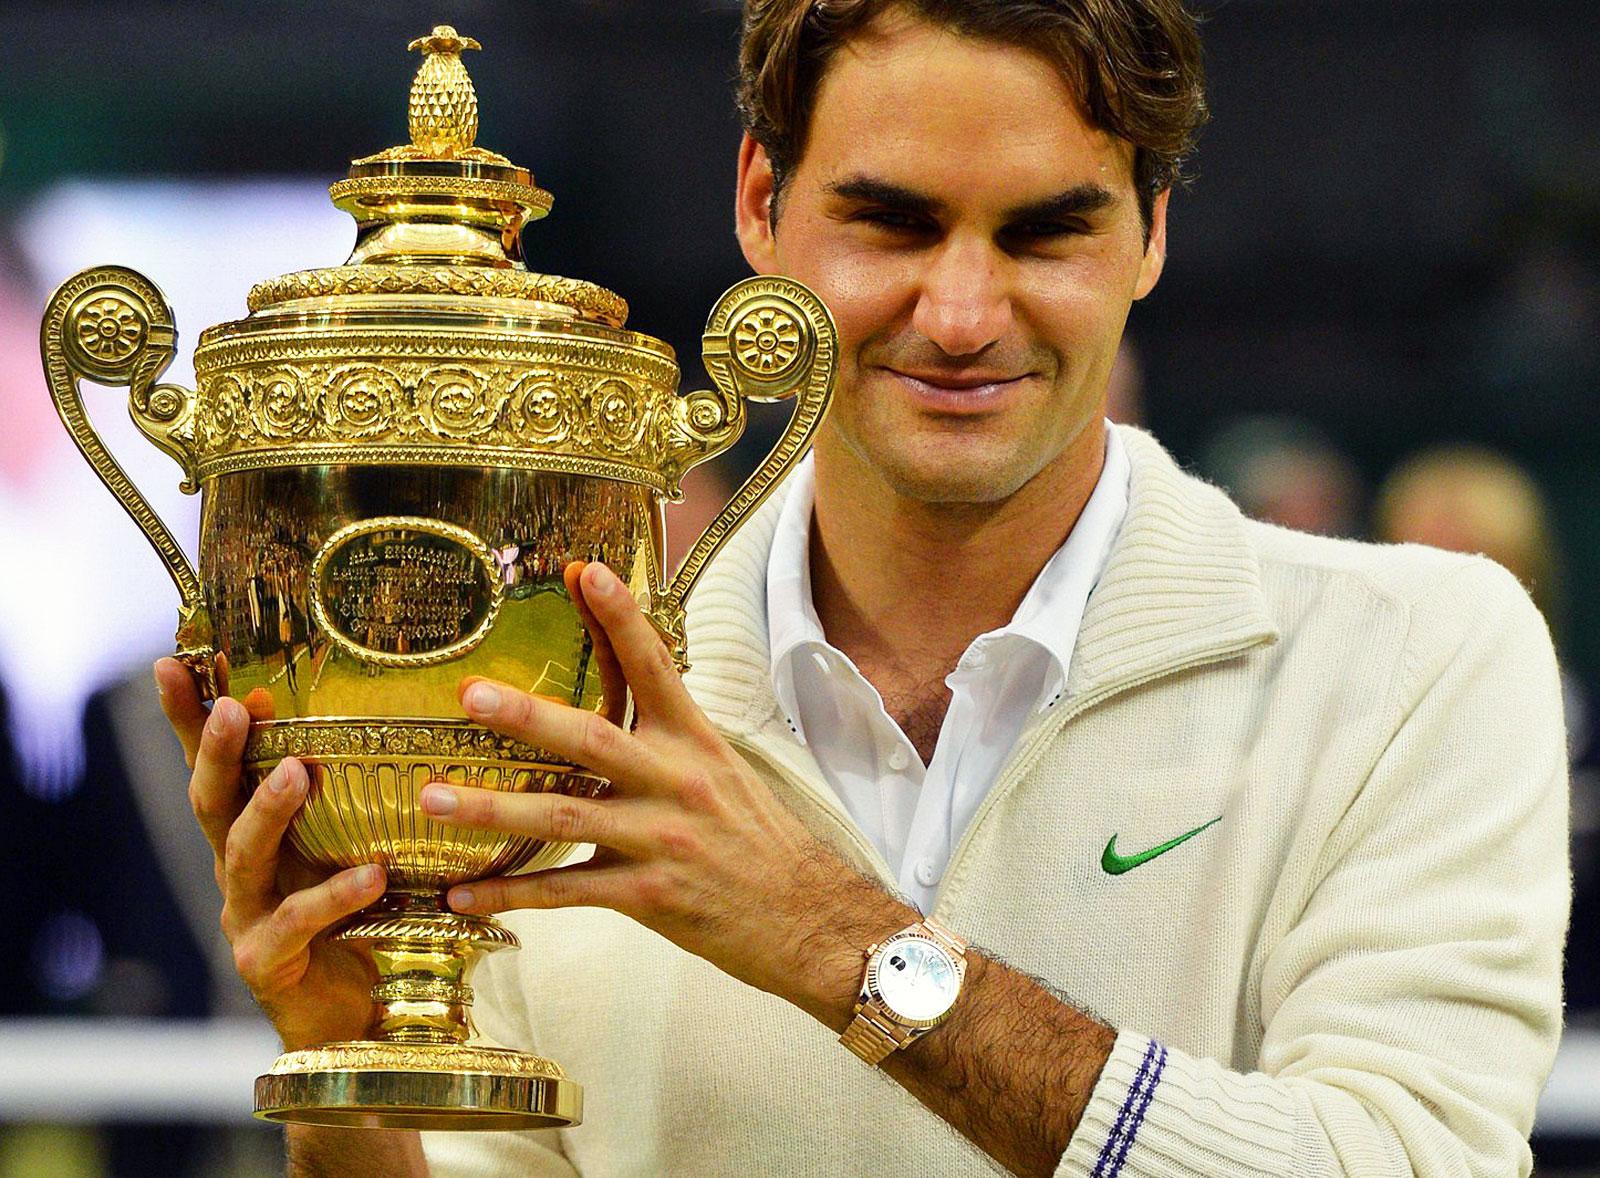 Sta guardando un foglio di personaggio -Roger-Federer-roger-federer-31421708-1600-1178